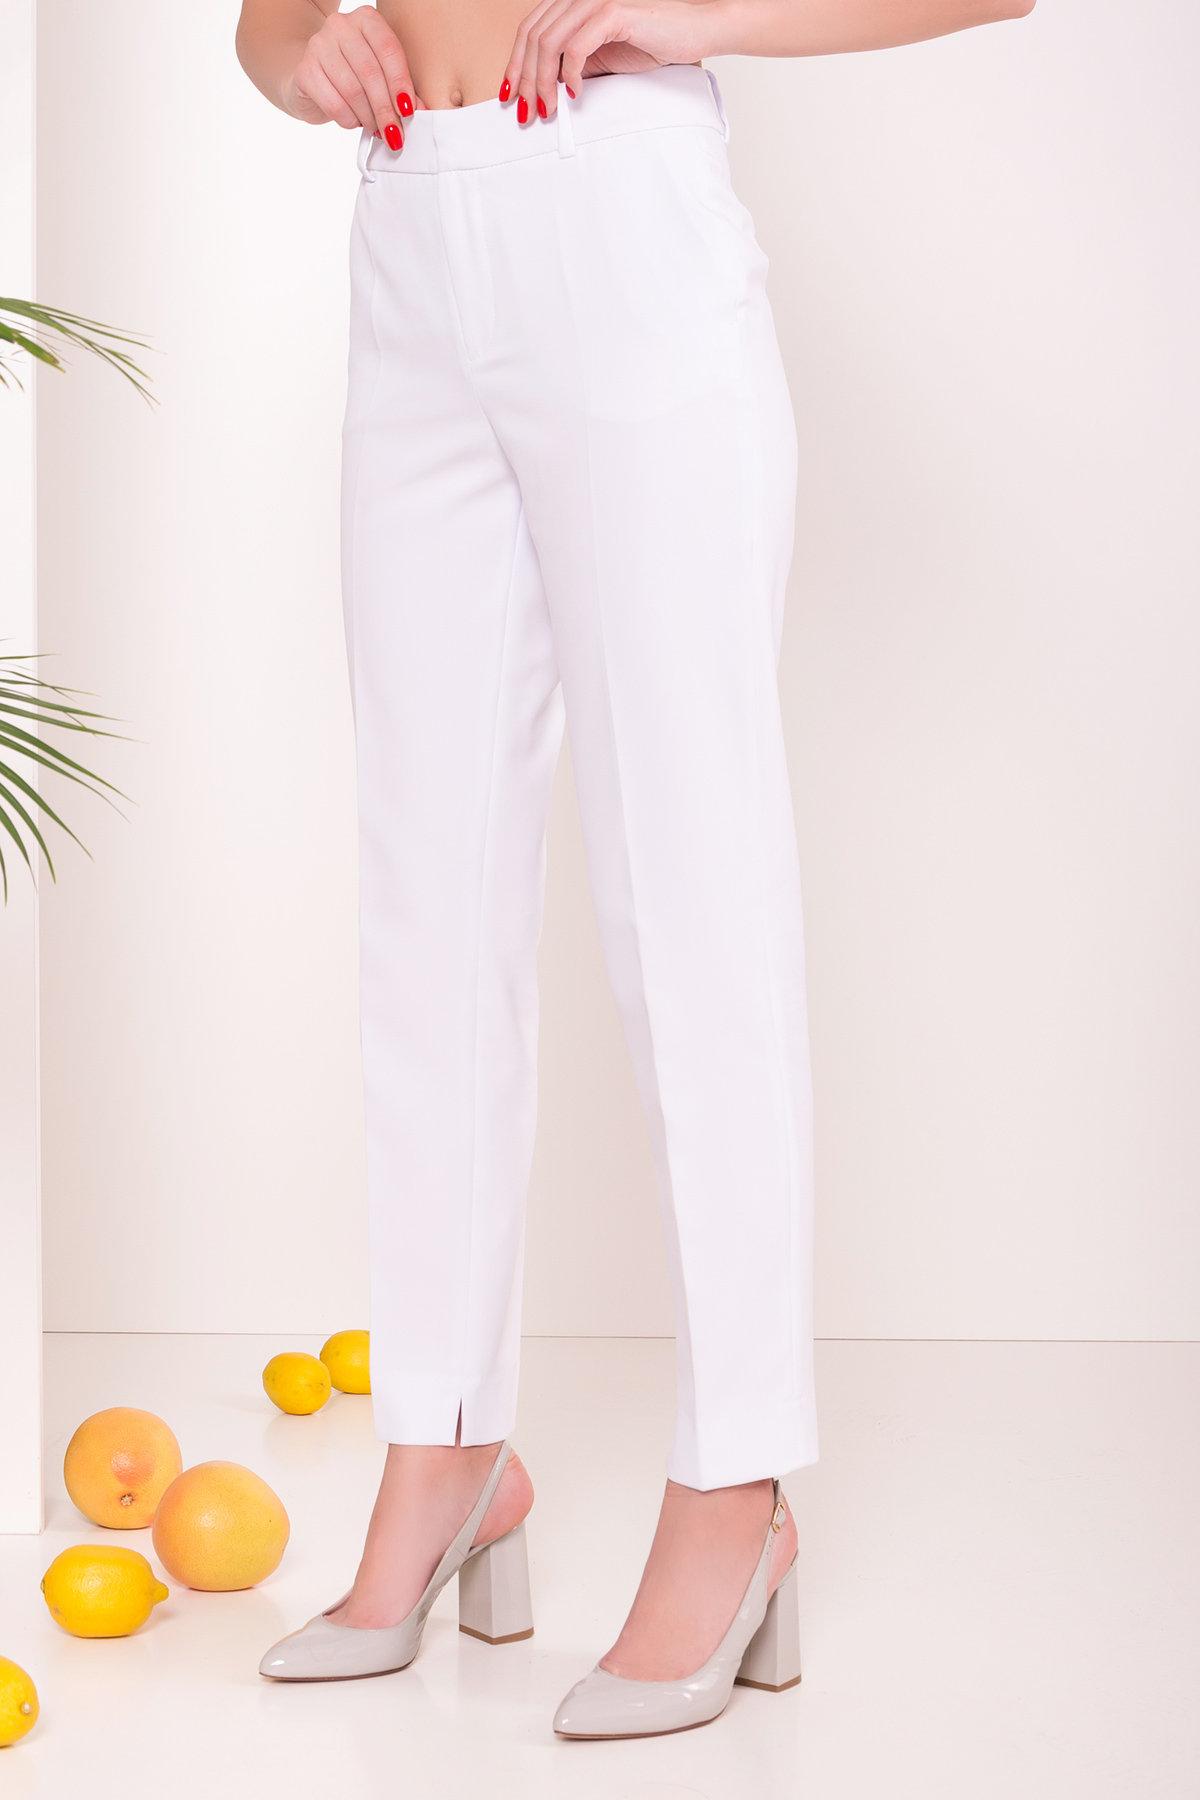 Базовые брюки со стрелками Эдвин 2467 АРТ. 14913 Цвет: Белый - фото 3, интернет магазин tm-modus.ru